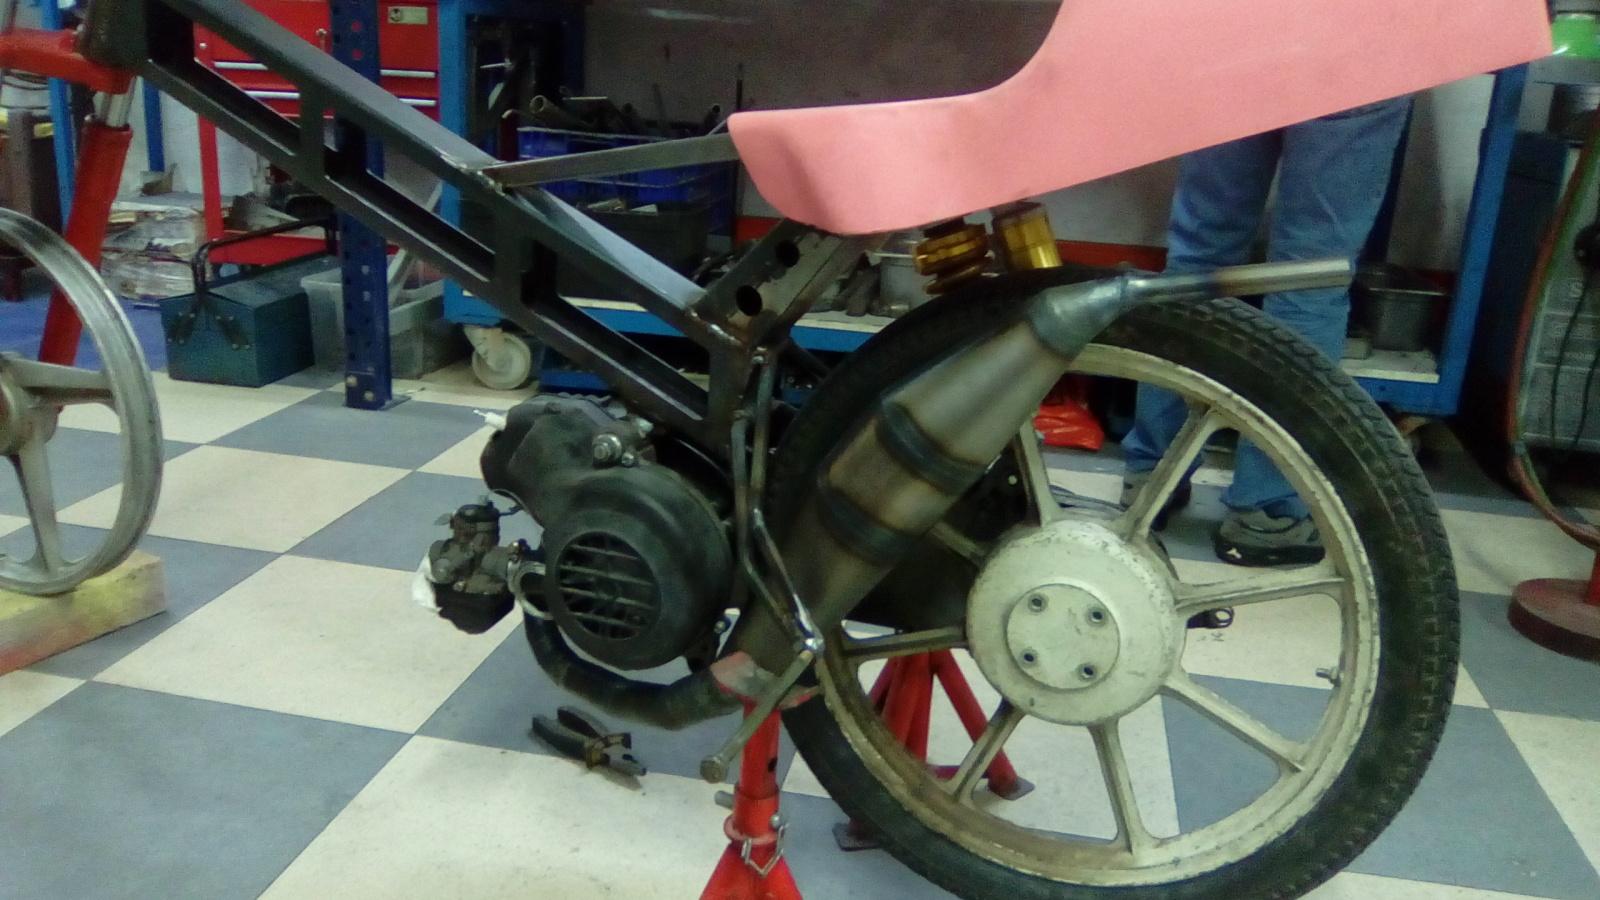 Proyecto Vespino de 65 cc. de Velocidad. - Página 4 Bhmy4m